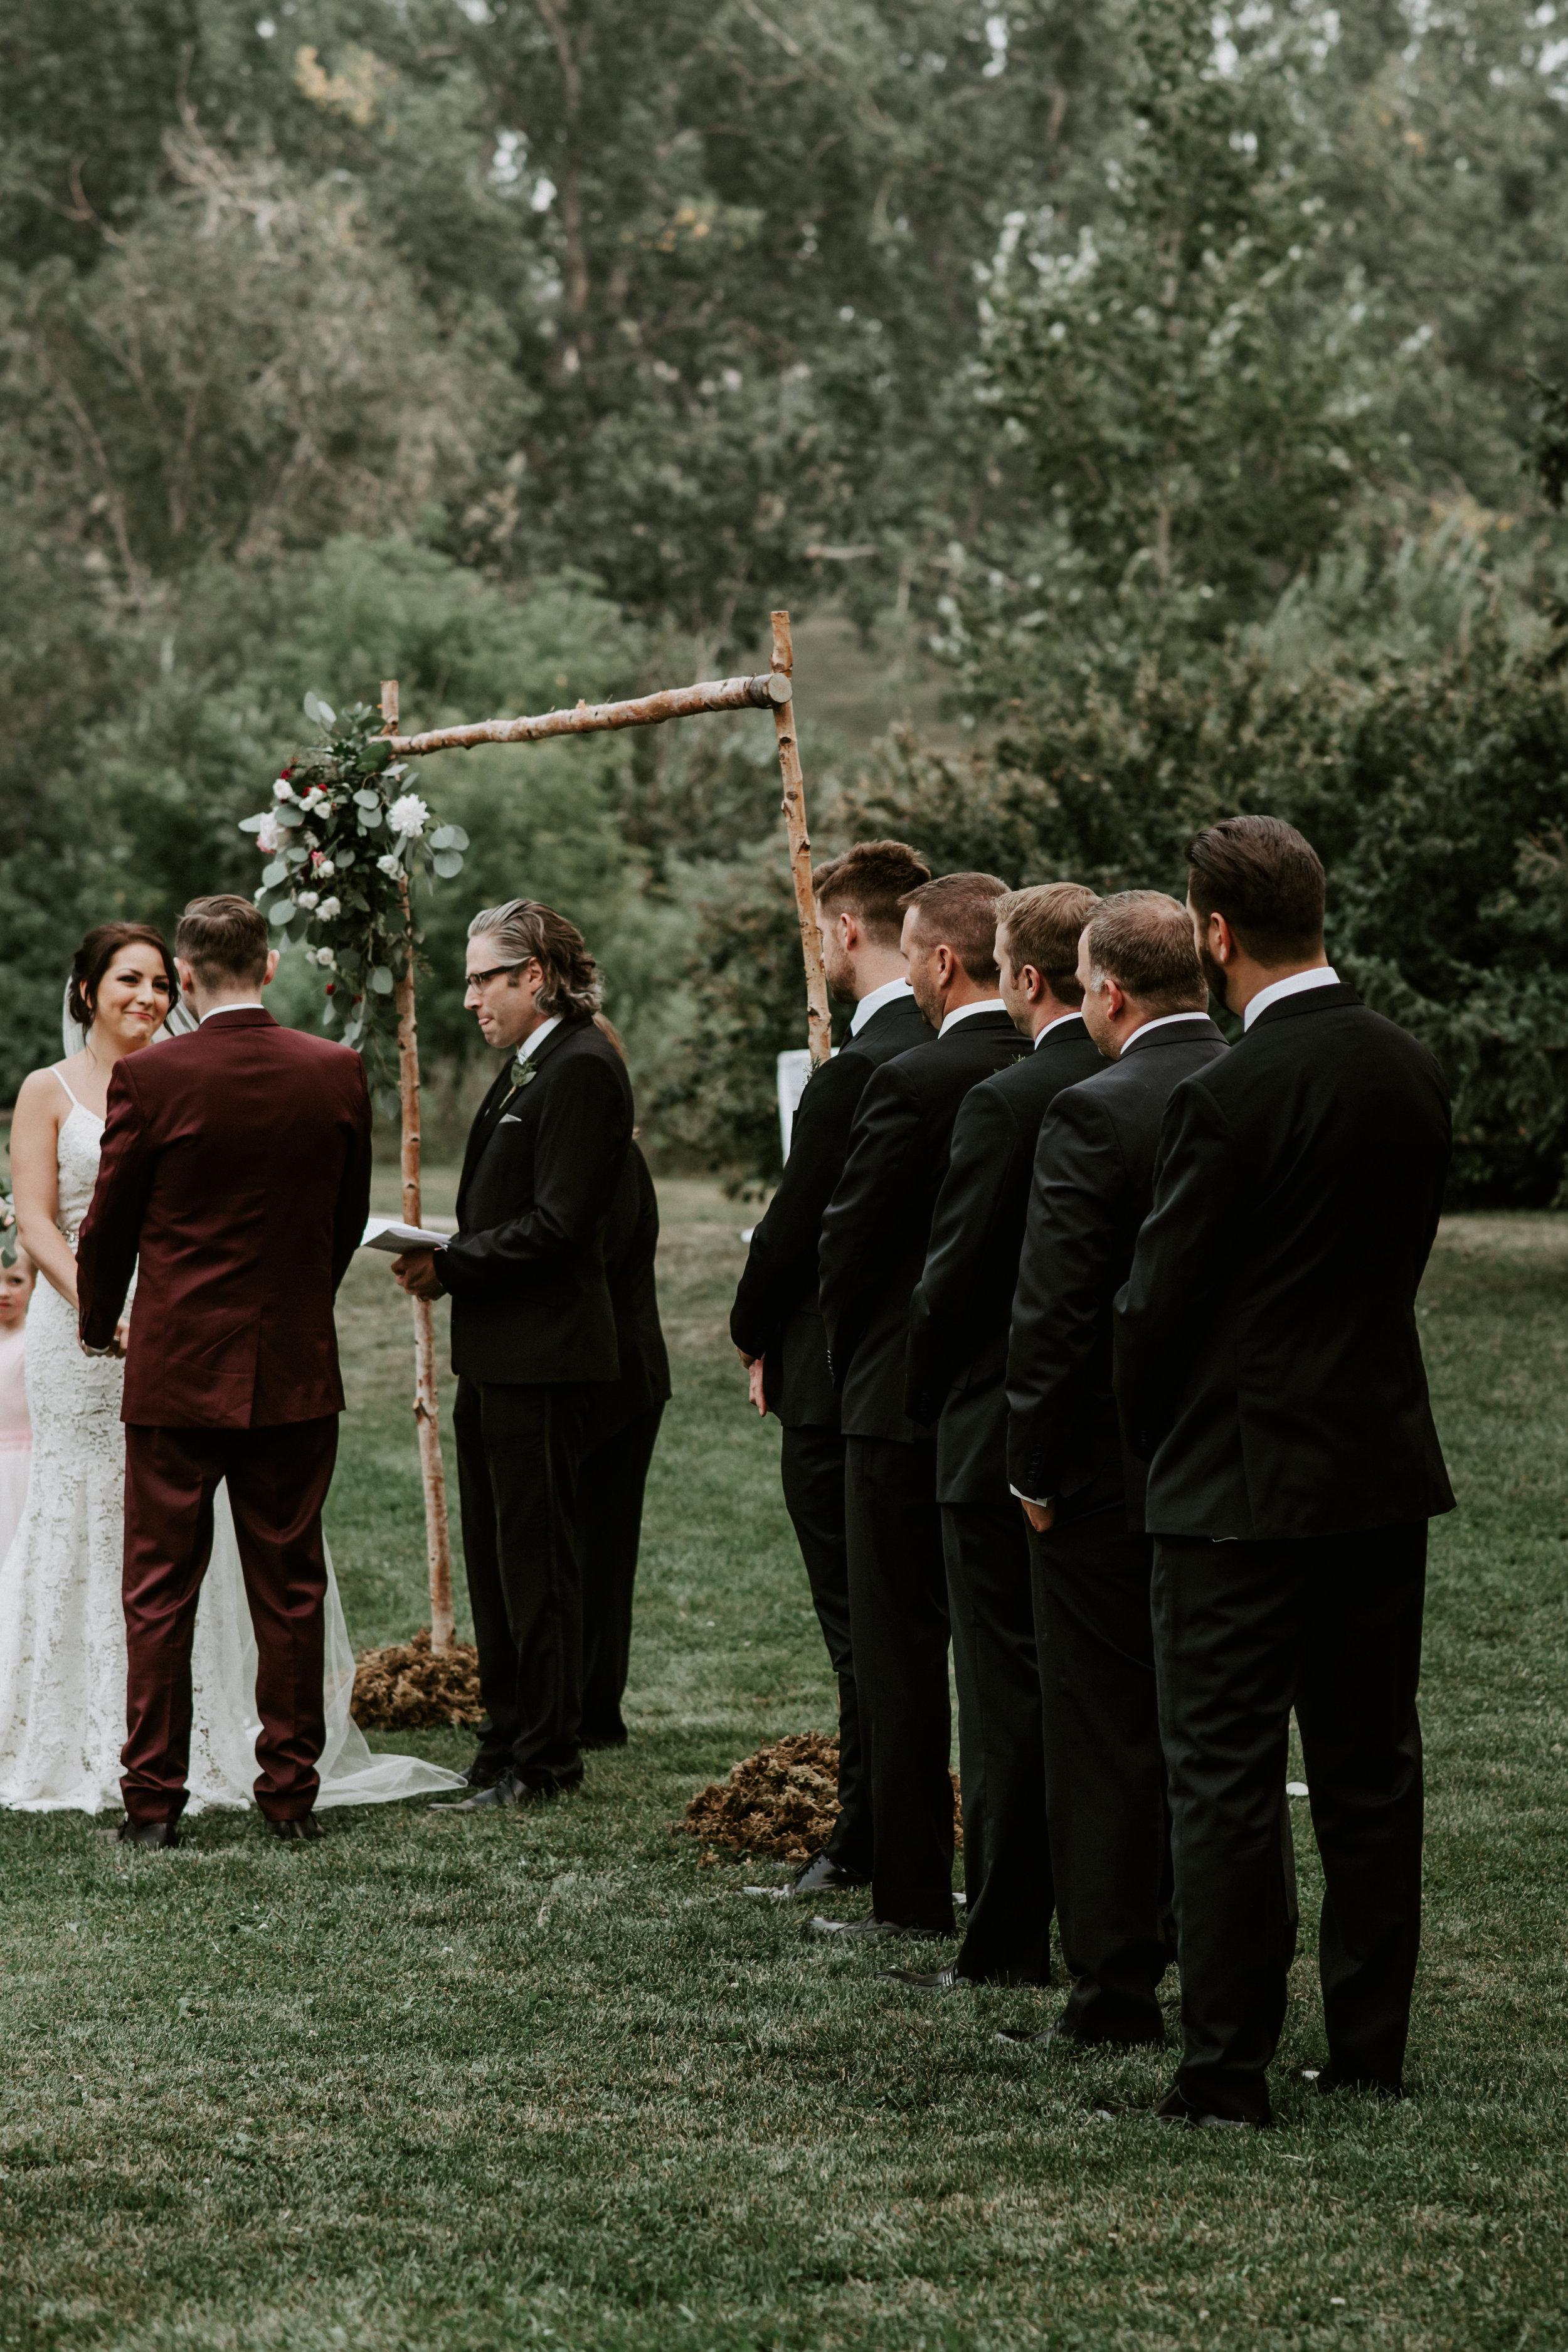 Calgary Wedding Photographer - 29 of 84.jpg